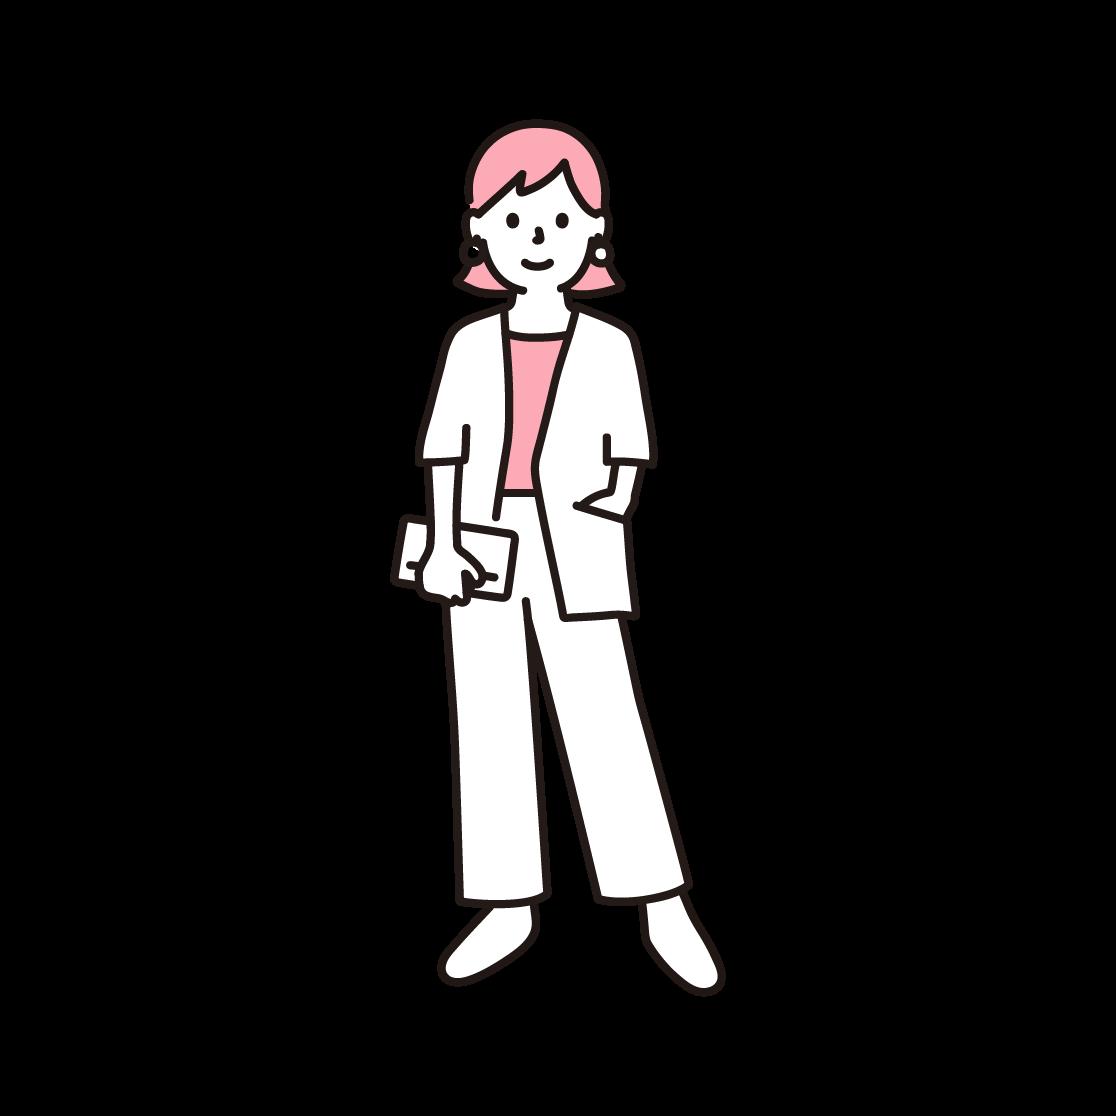 おしゃれな女性の単色イラスト